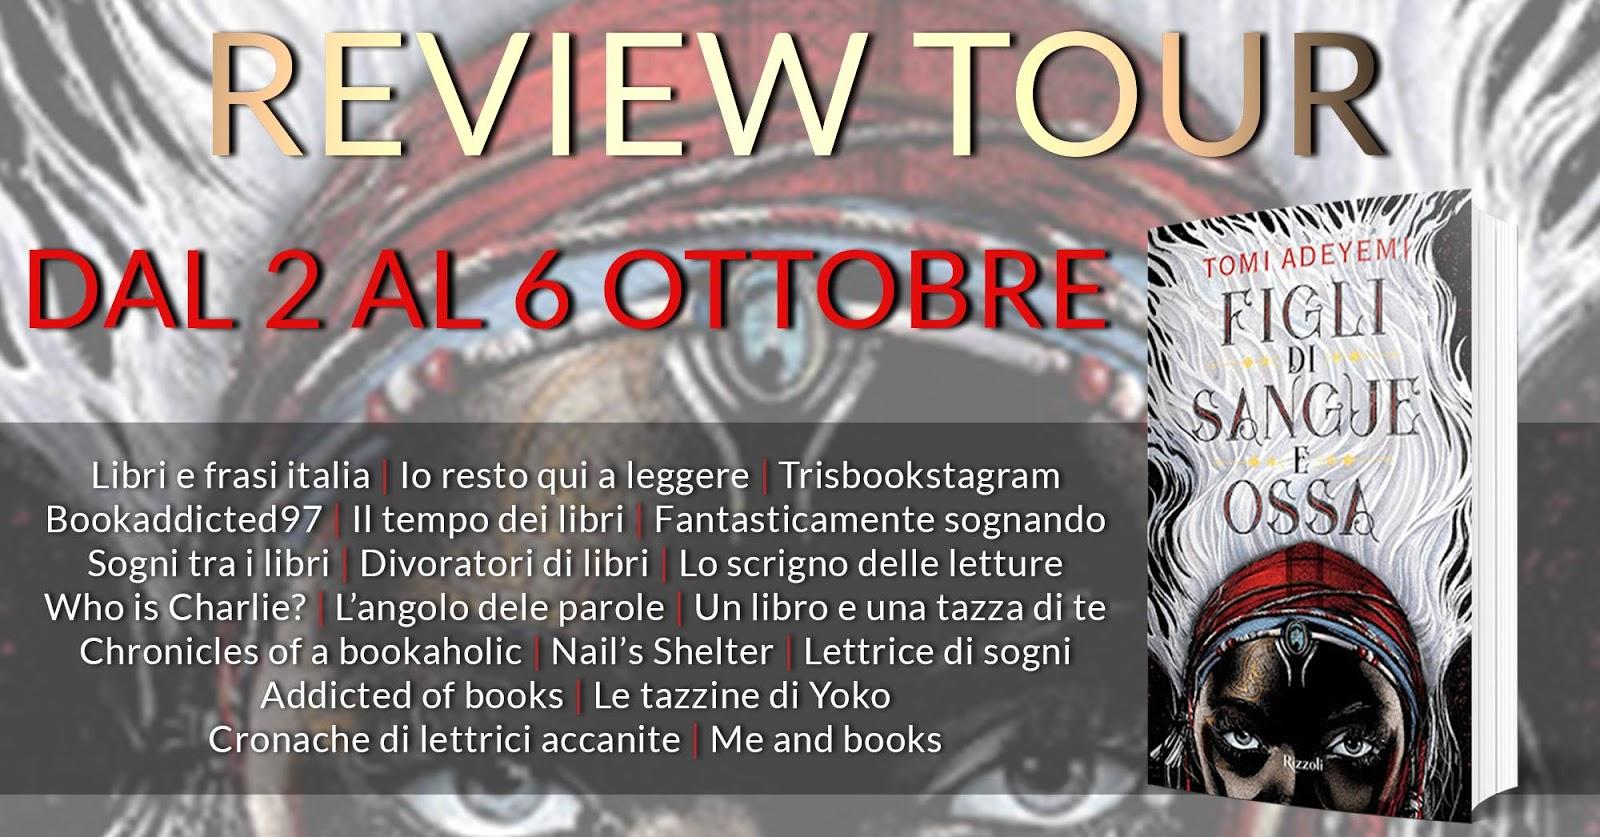 Chronicles Of A Bookaholic Review Tour Figli Di Sangue E Ossa Di